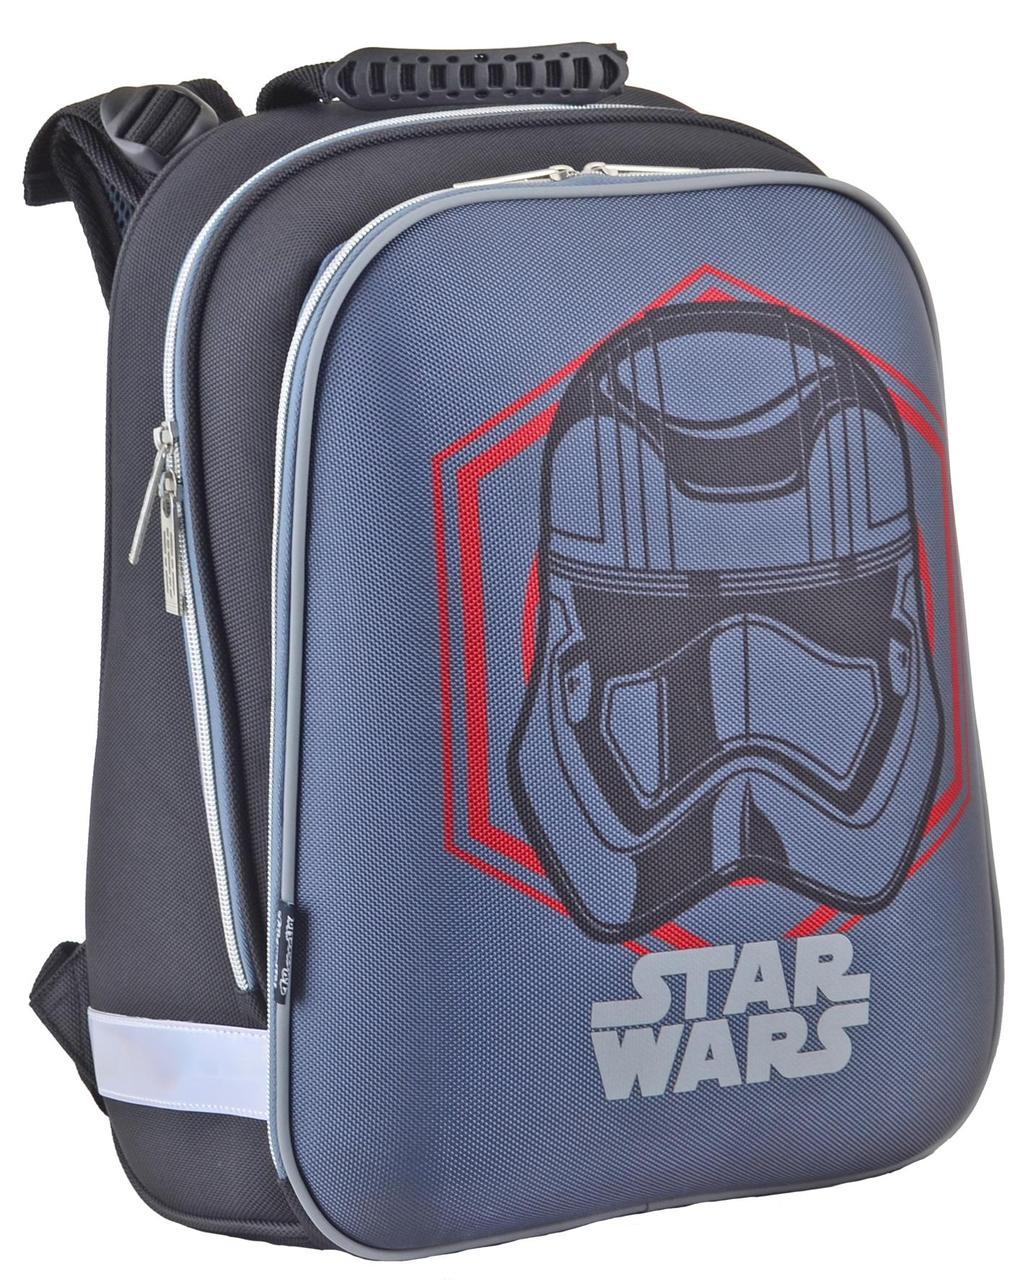 Рюкзак каркасный H-12 Star Wars, 38*29*15